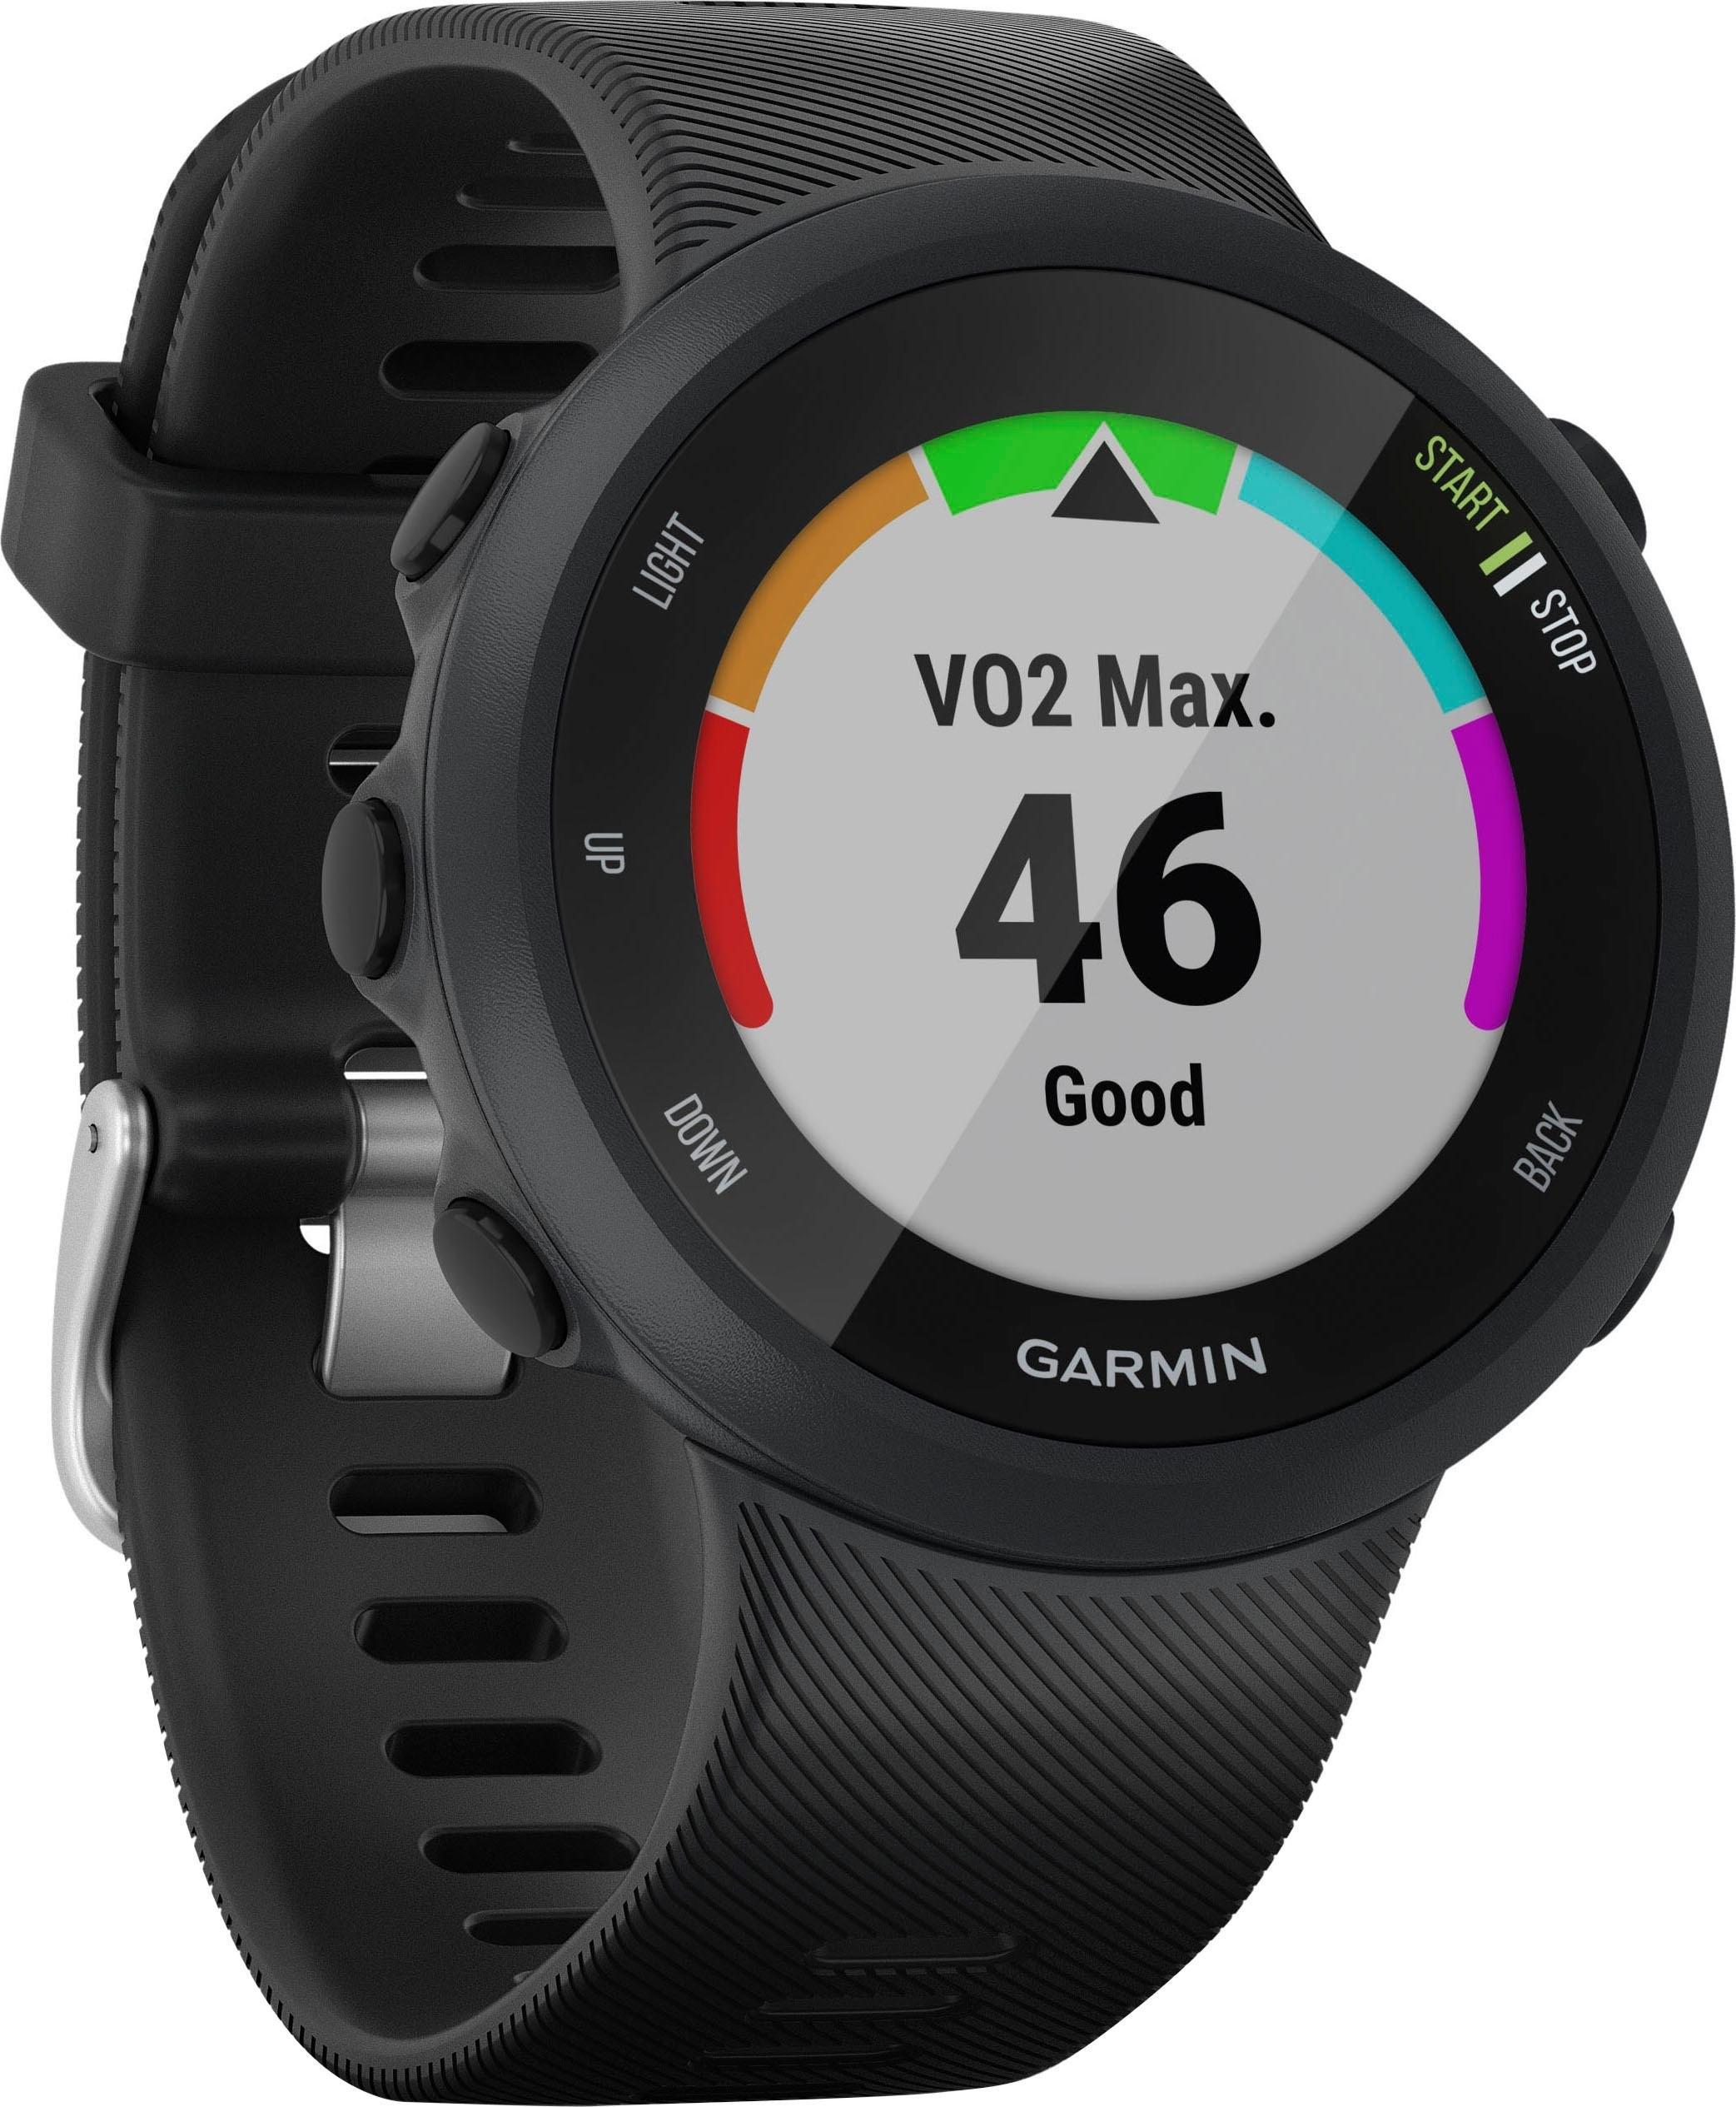 Garmin Forerunner 45, Silicone-Armband 20mm Smartwatch (2,63 cm / 1,04 inch) online kopen op otto.nl